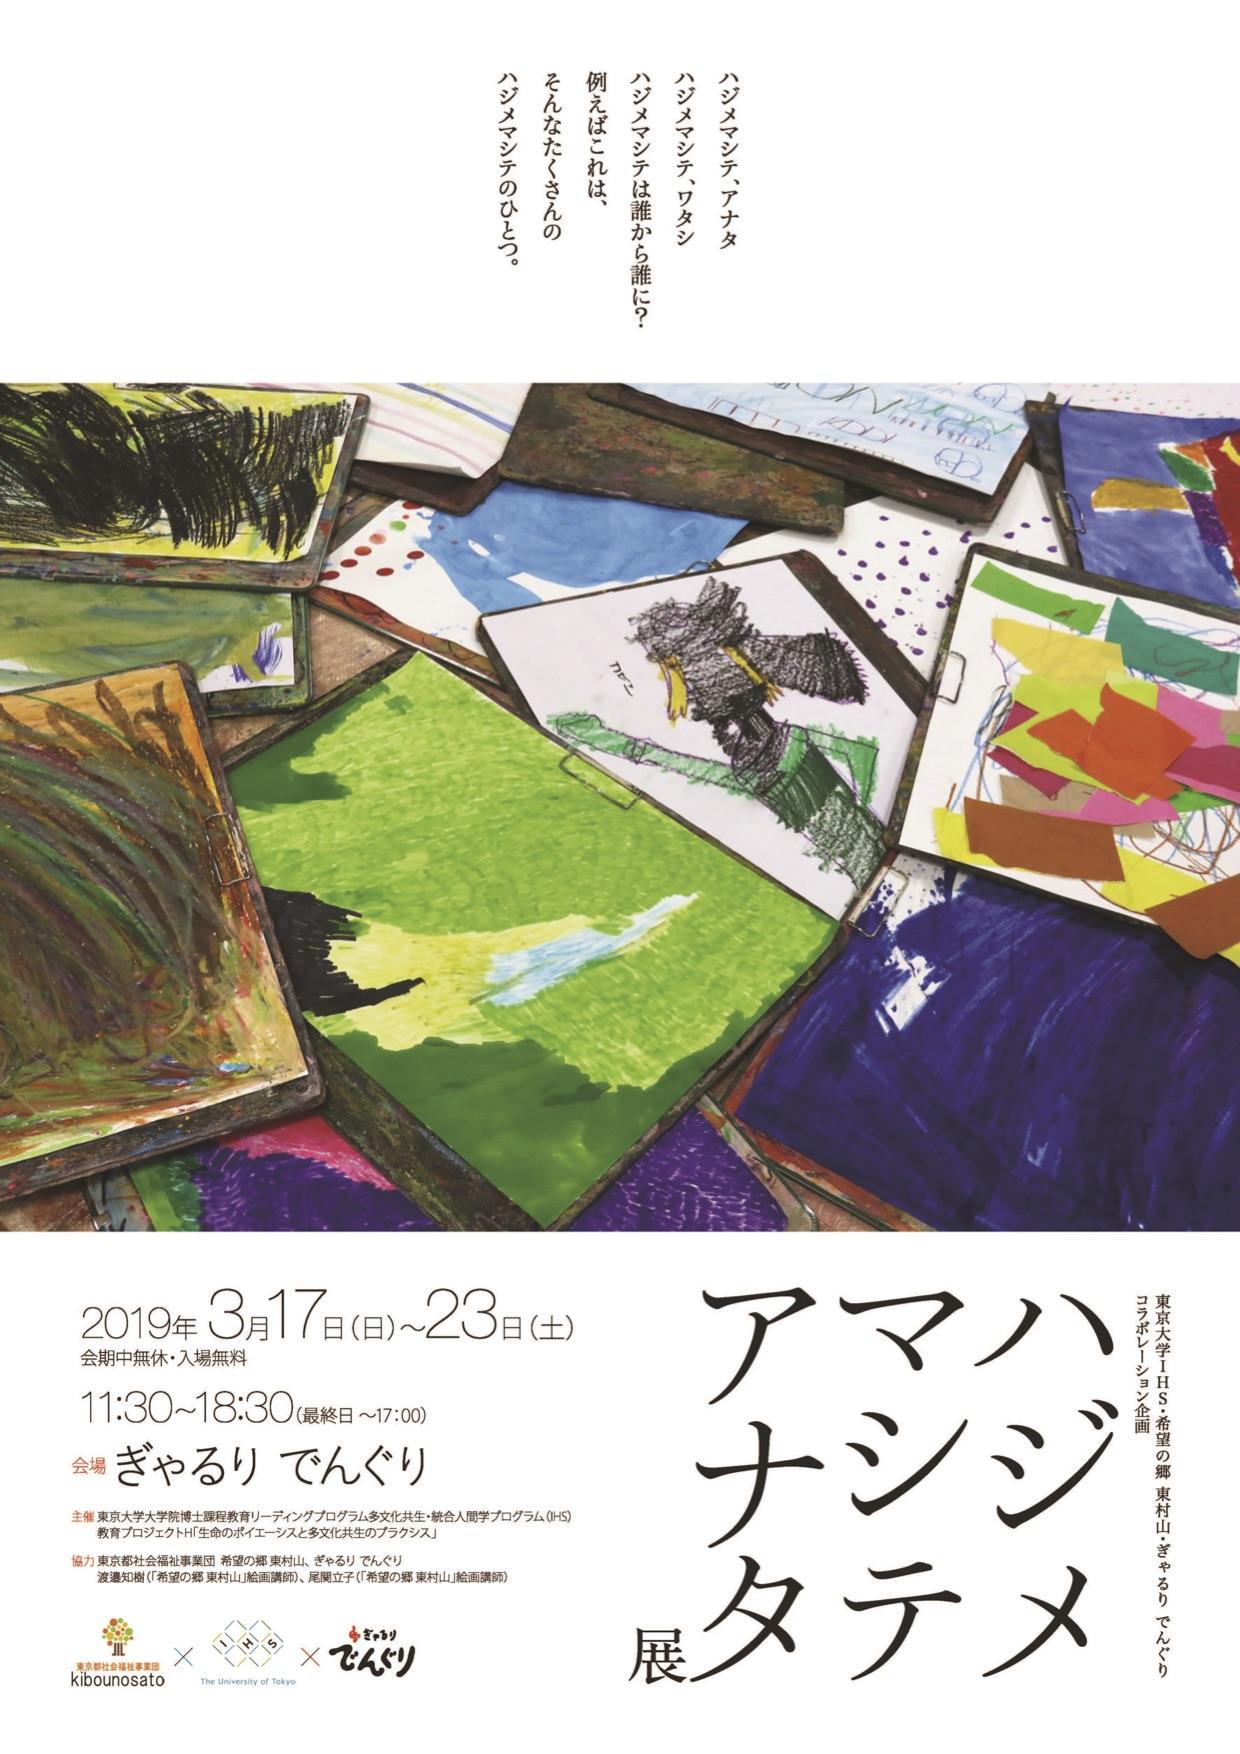 190317_hajimemashiteanata.jpg